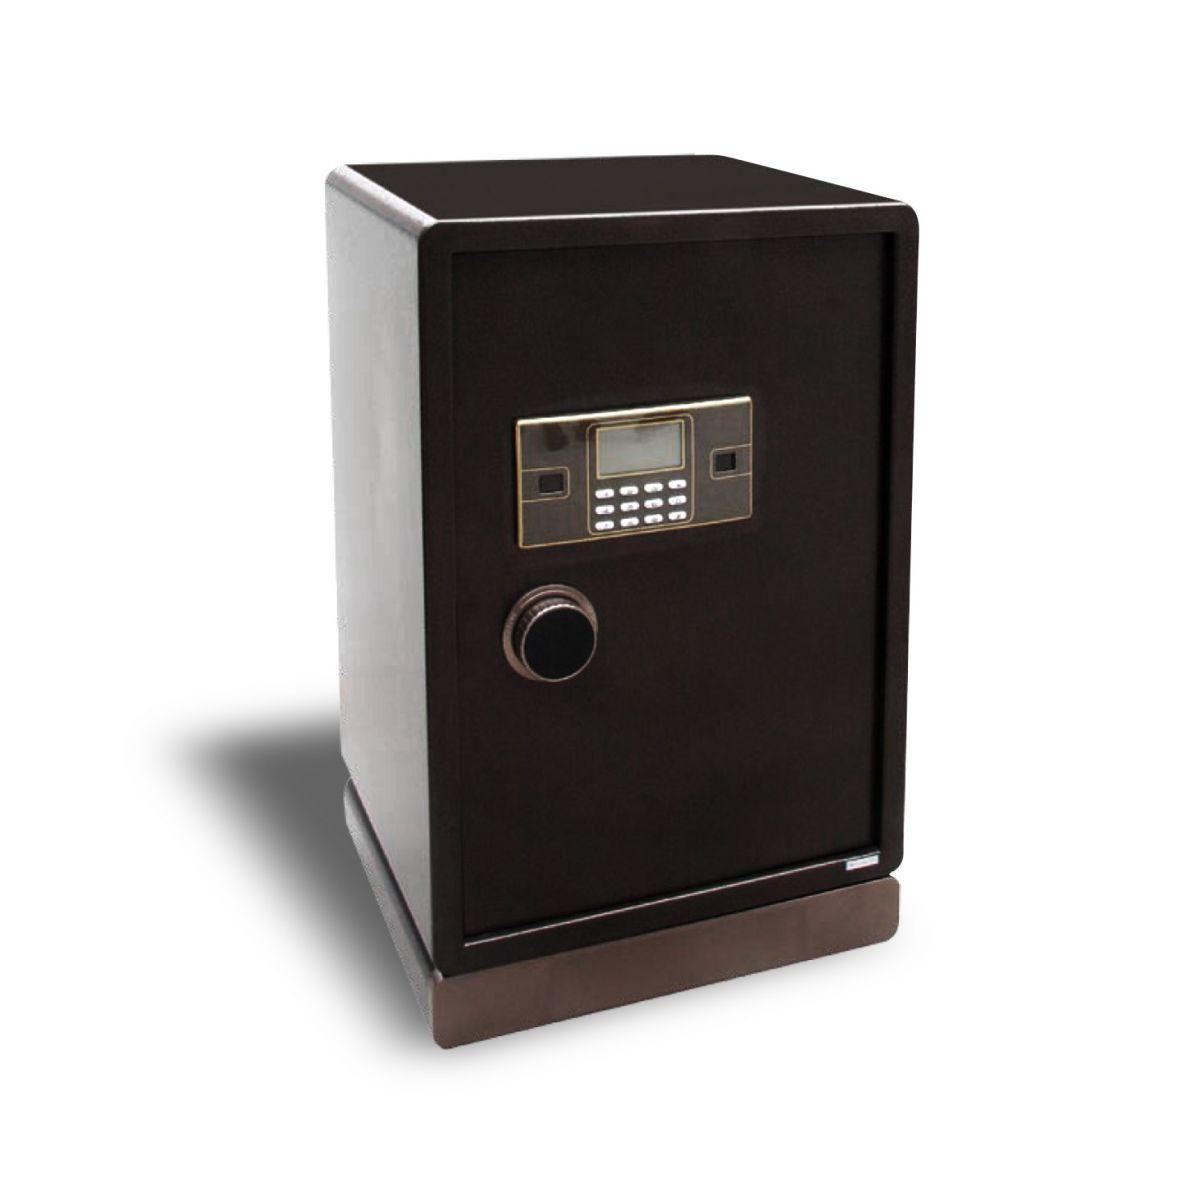 Cofre Antirroubo Safewell 73 BDA Medidas Externas (AxCxP): 815x450x400mm, Capacidade: 130L, Senha: 3 a 8 dígitos